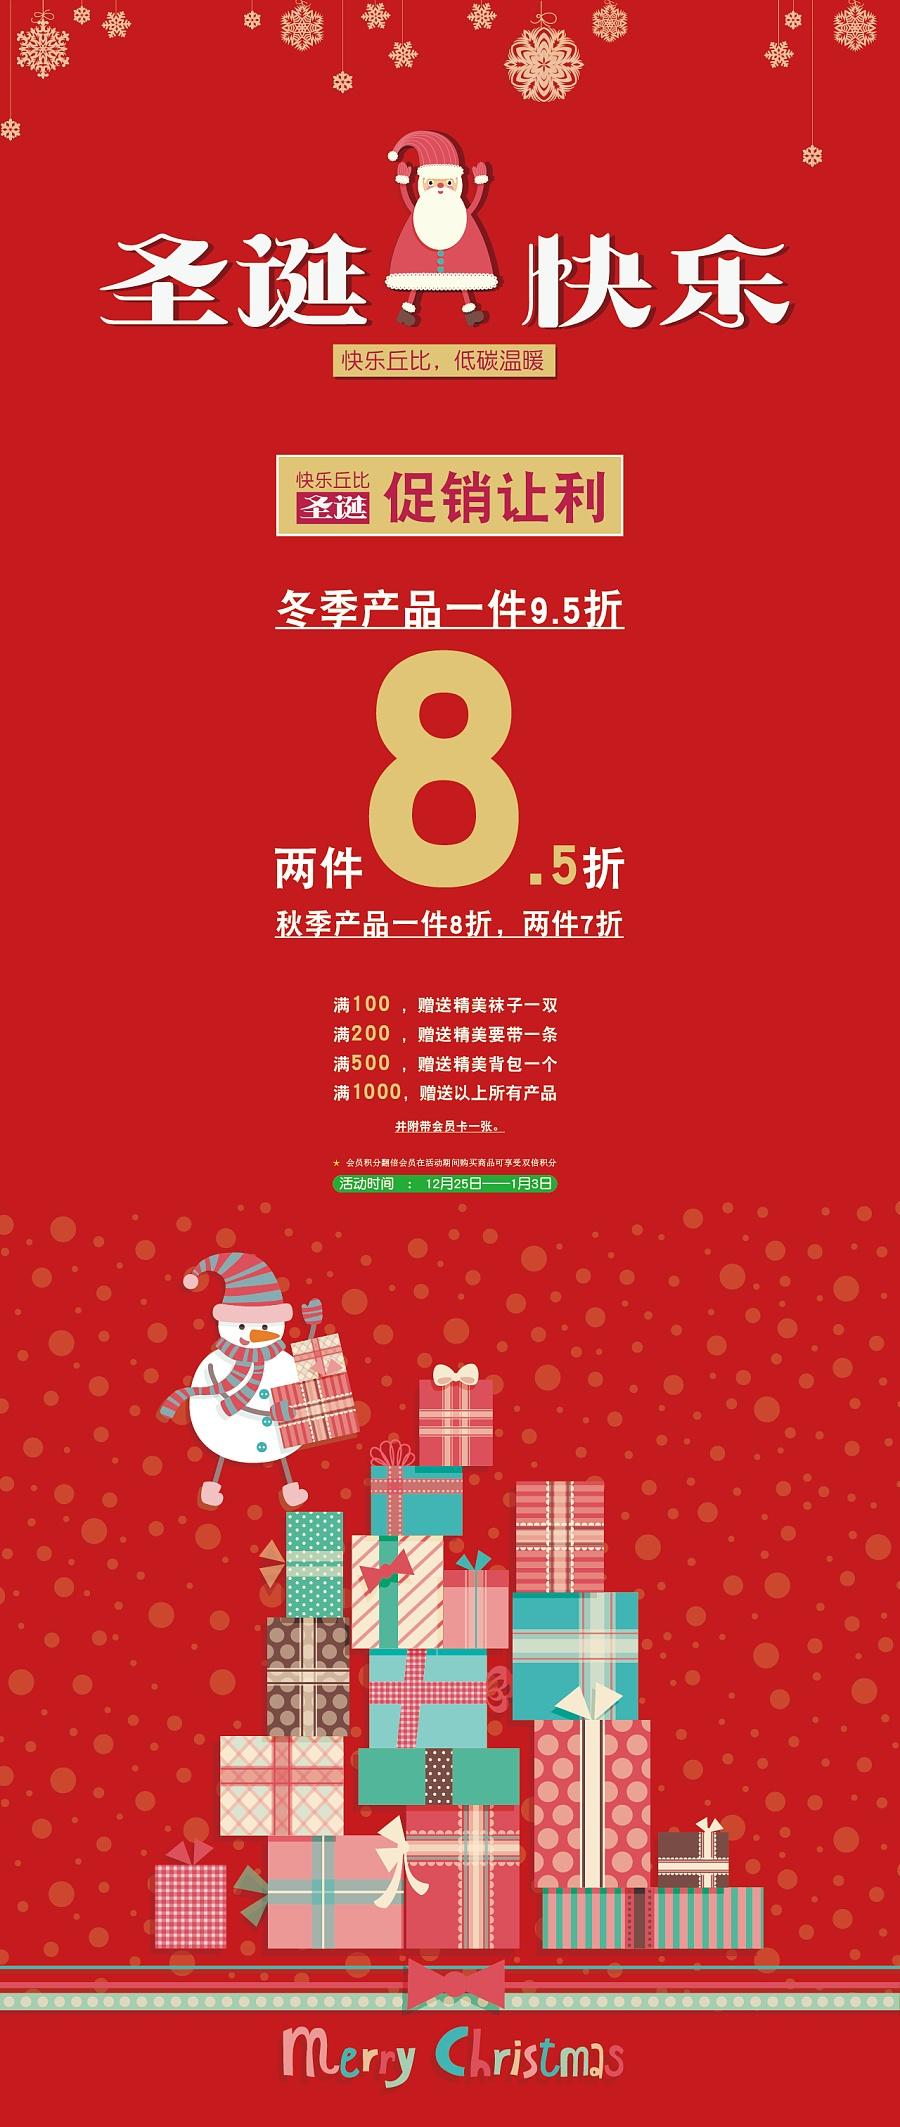 童装pop 圣诞促销 圣诞pop设计图片